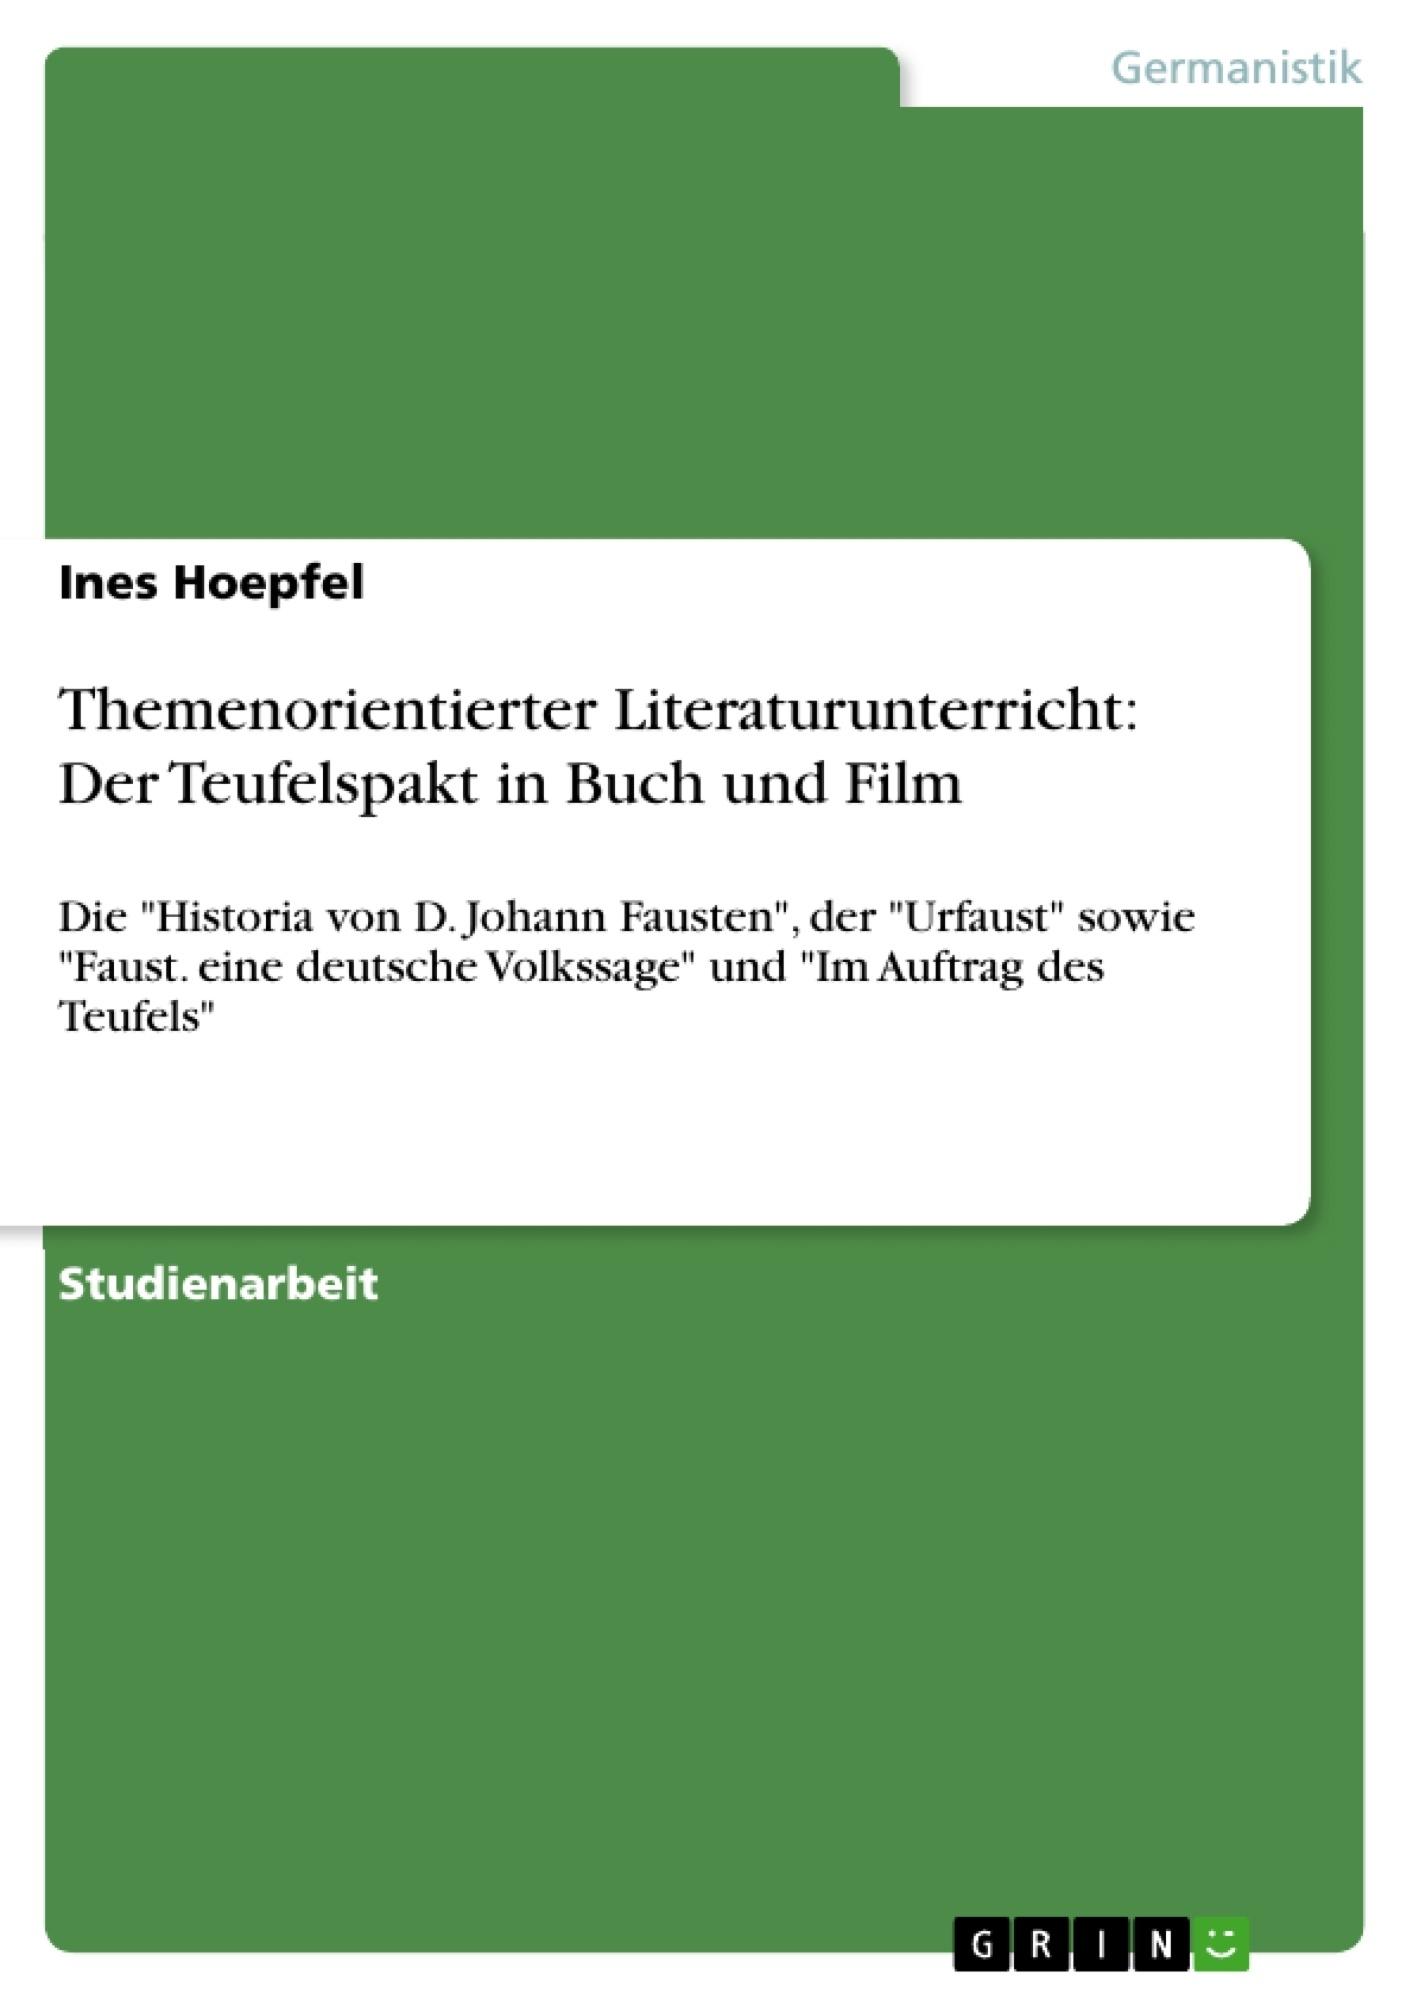 Titel: Themenorientierter Literaturunterricht: Der Teufelspakt in Buch und Film